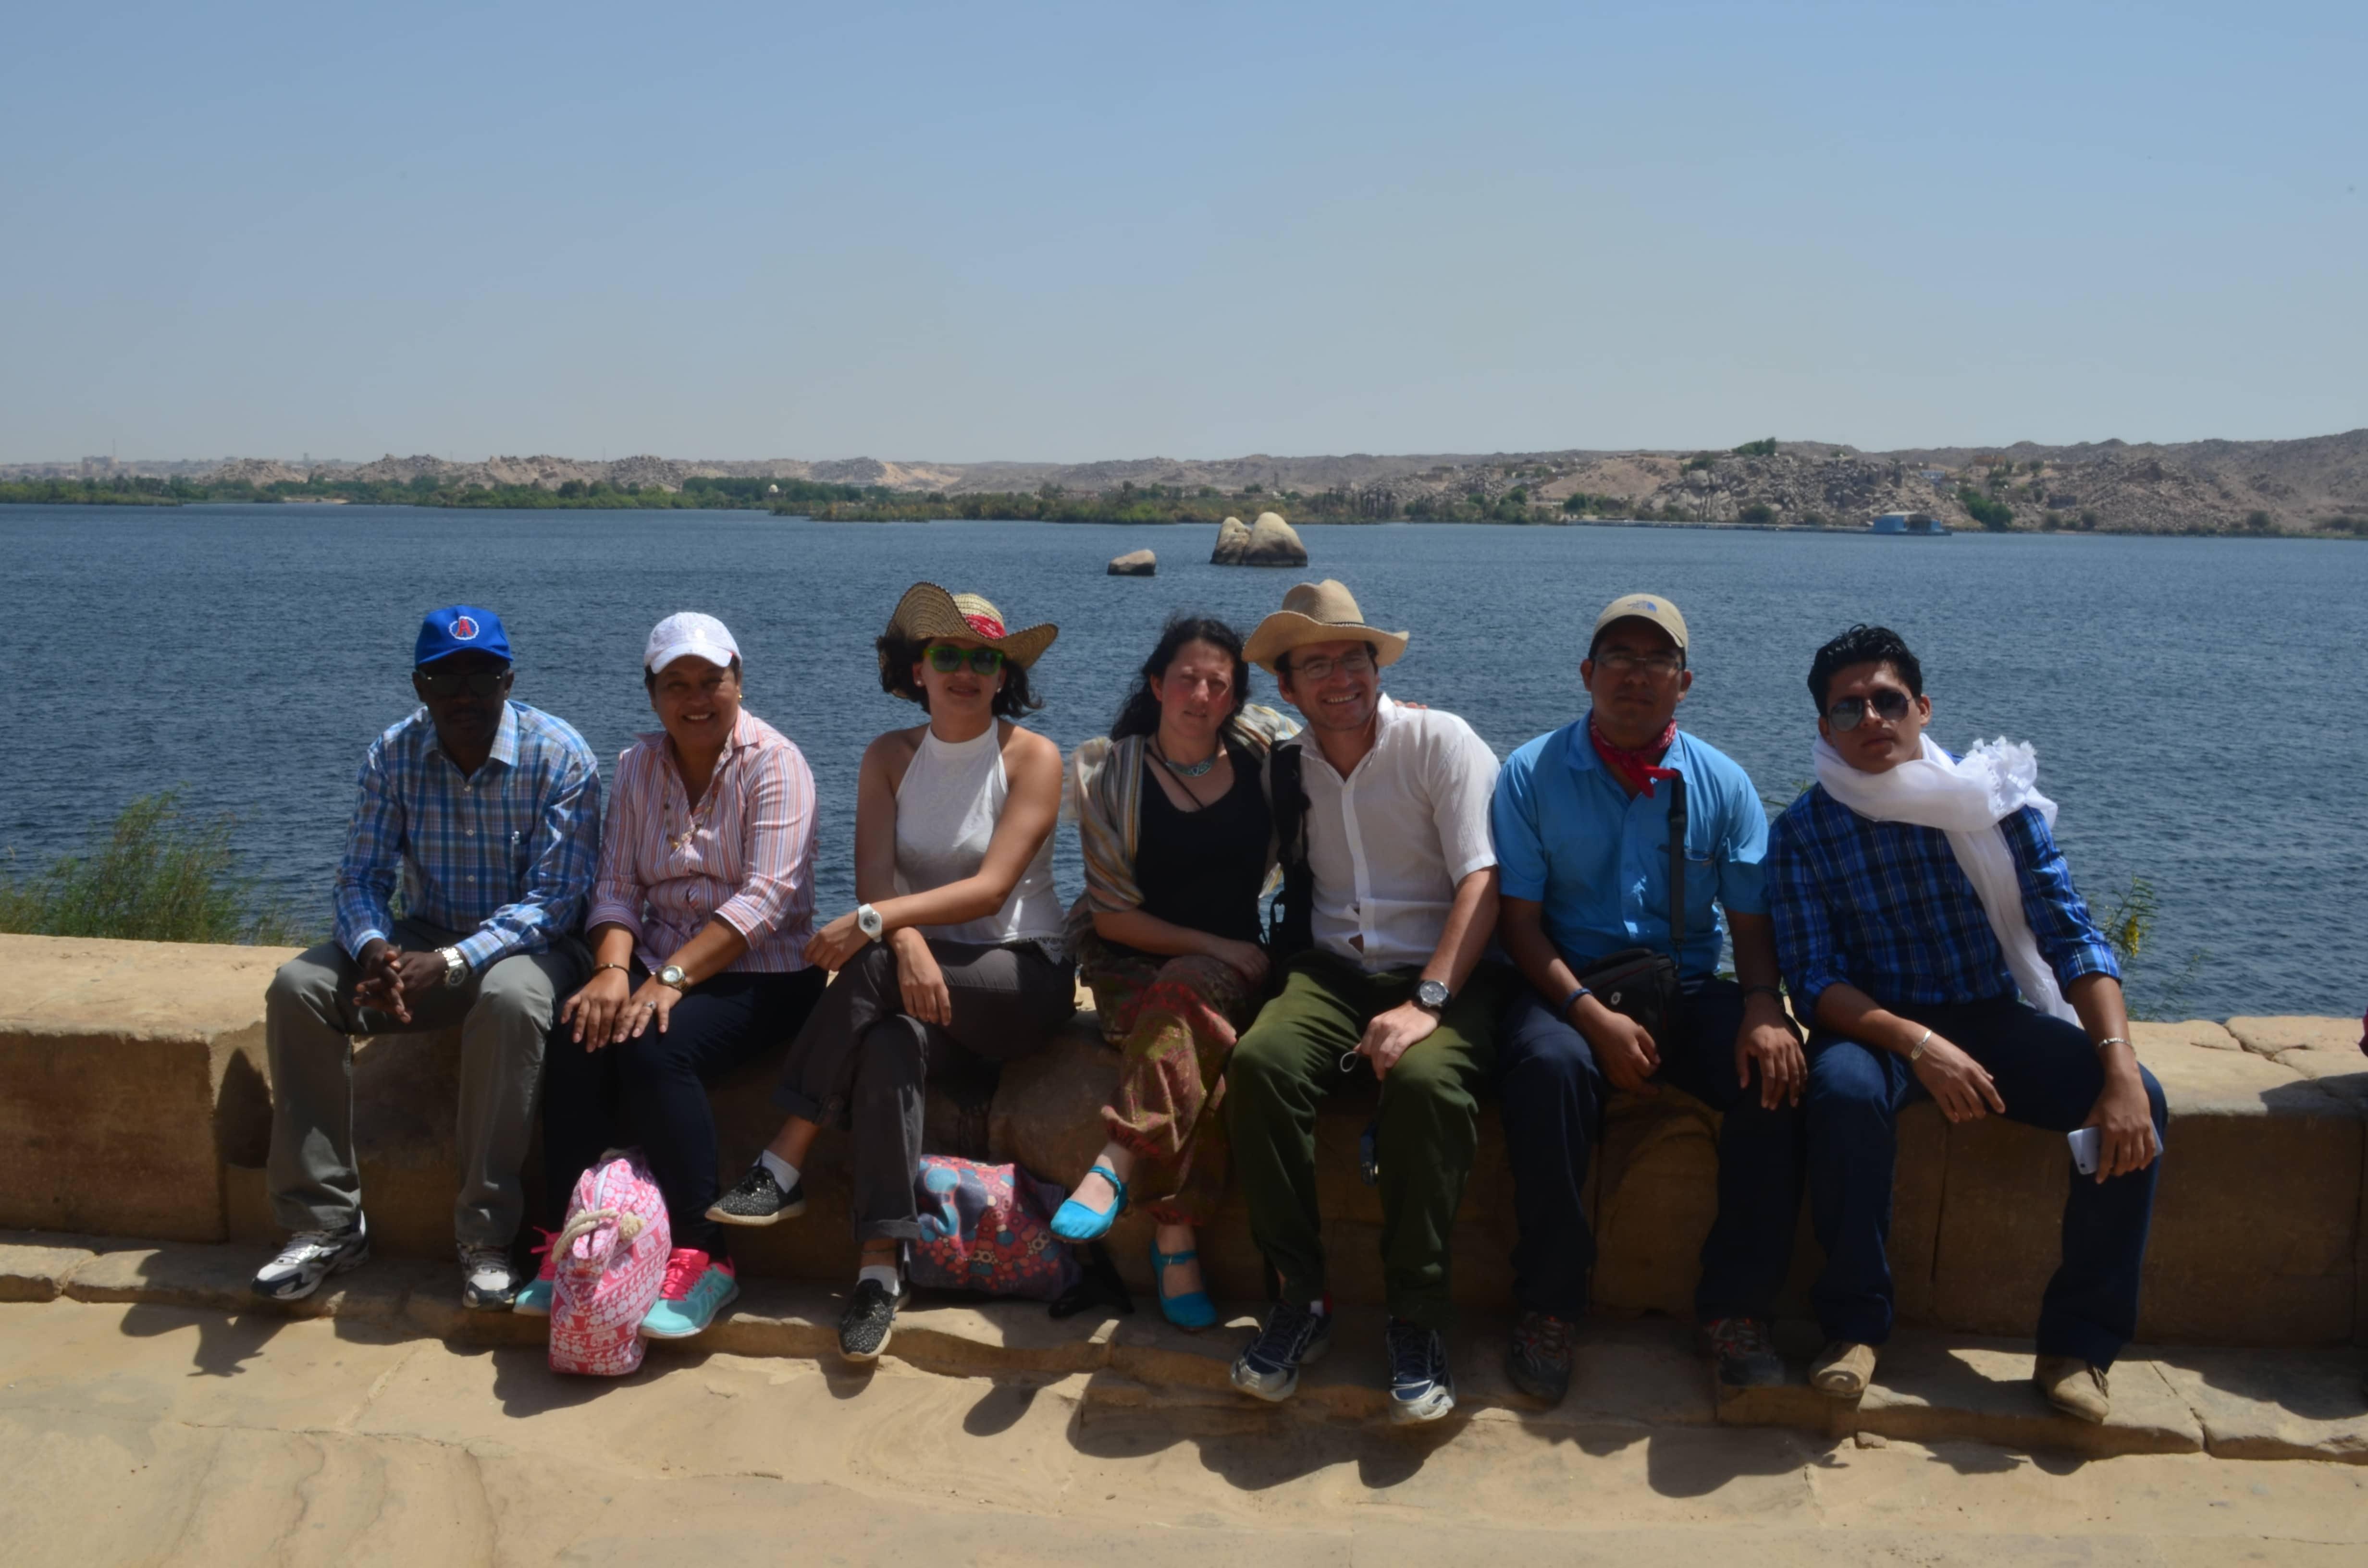 Lago Nasser enfrente del templo Fiale en Egipto